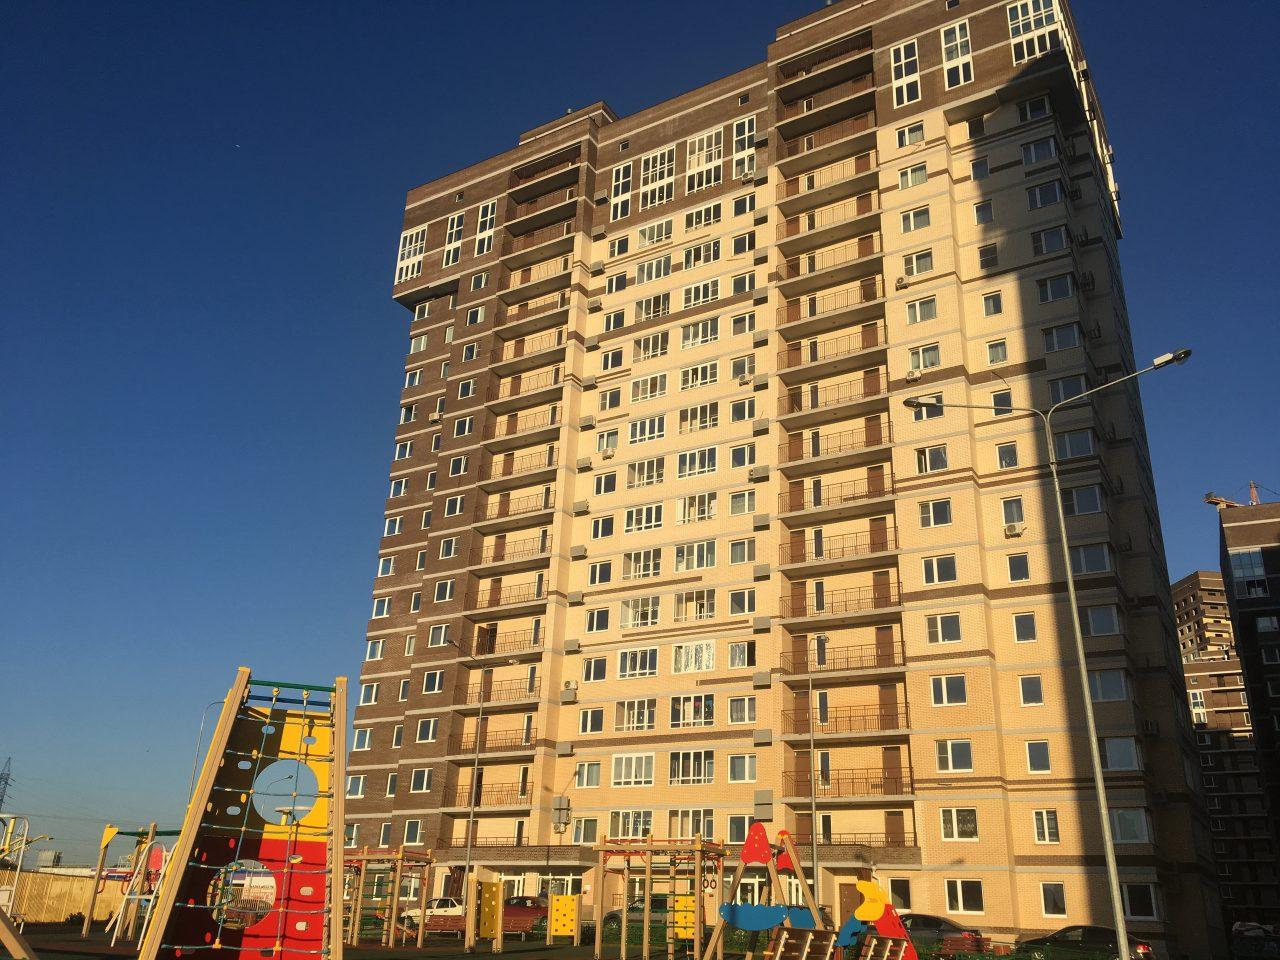 В ТиНАО в июле введено в эксплуатацию более 190 тыс. квадратных метров жилья